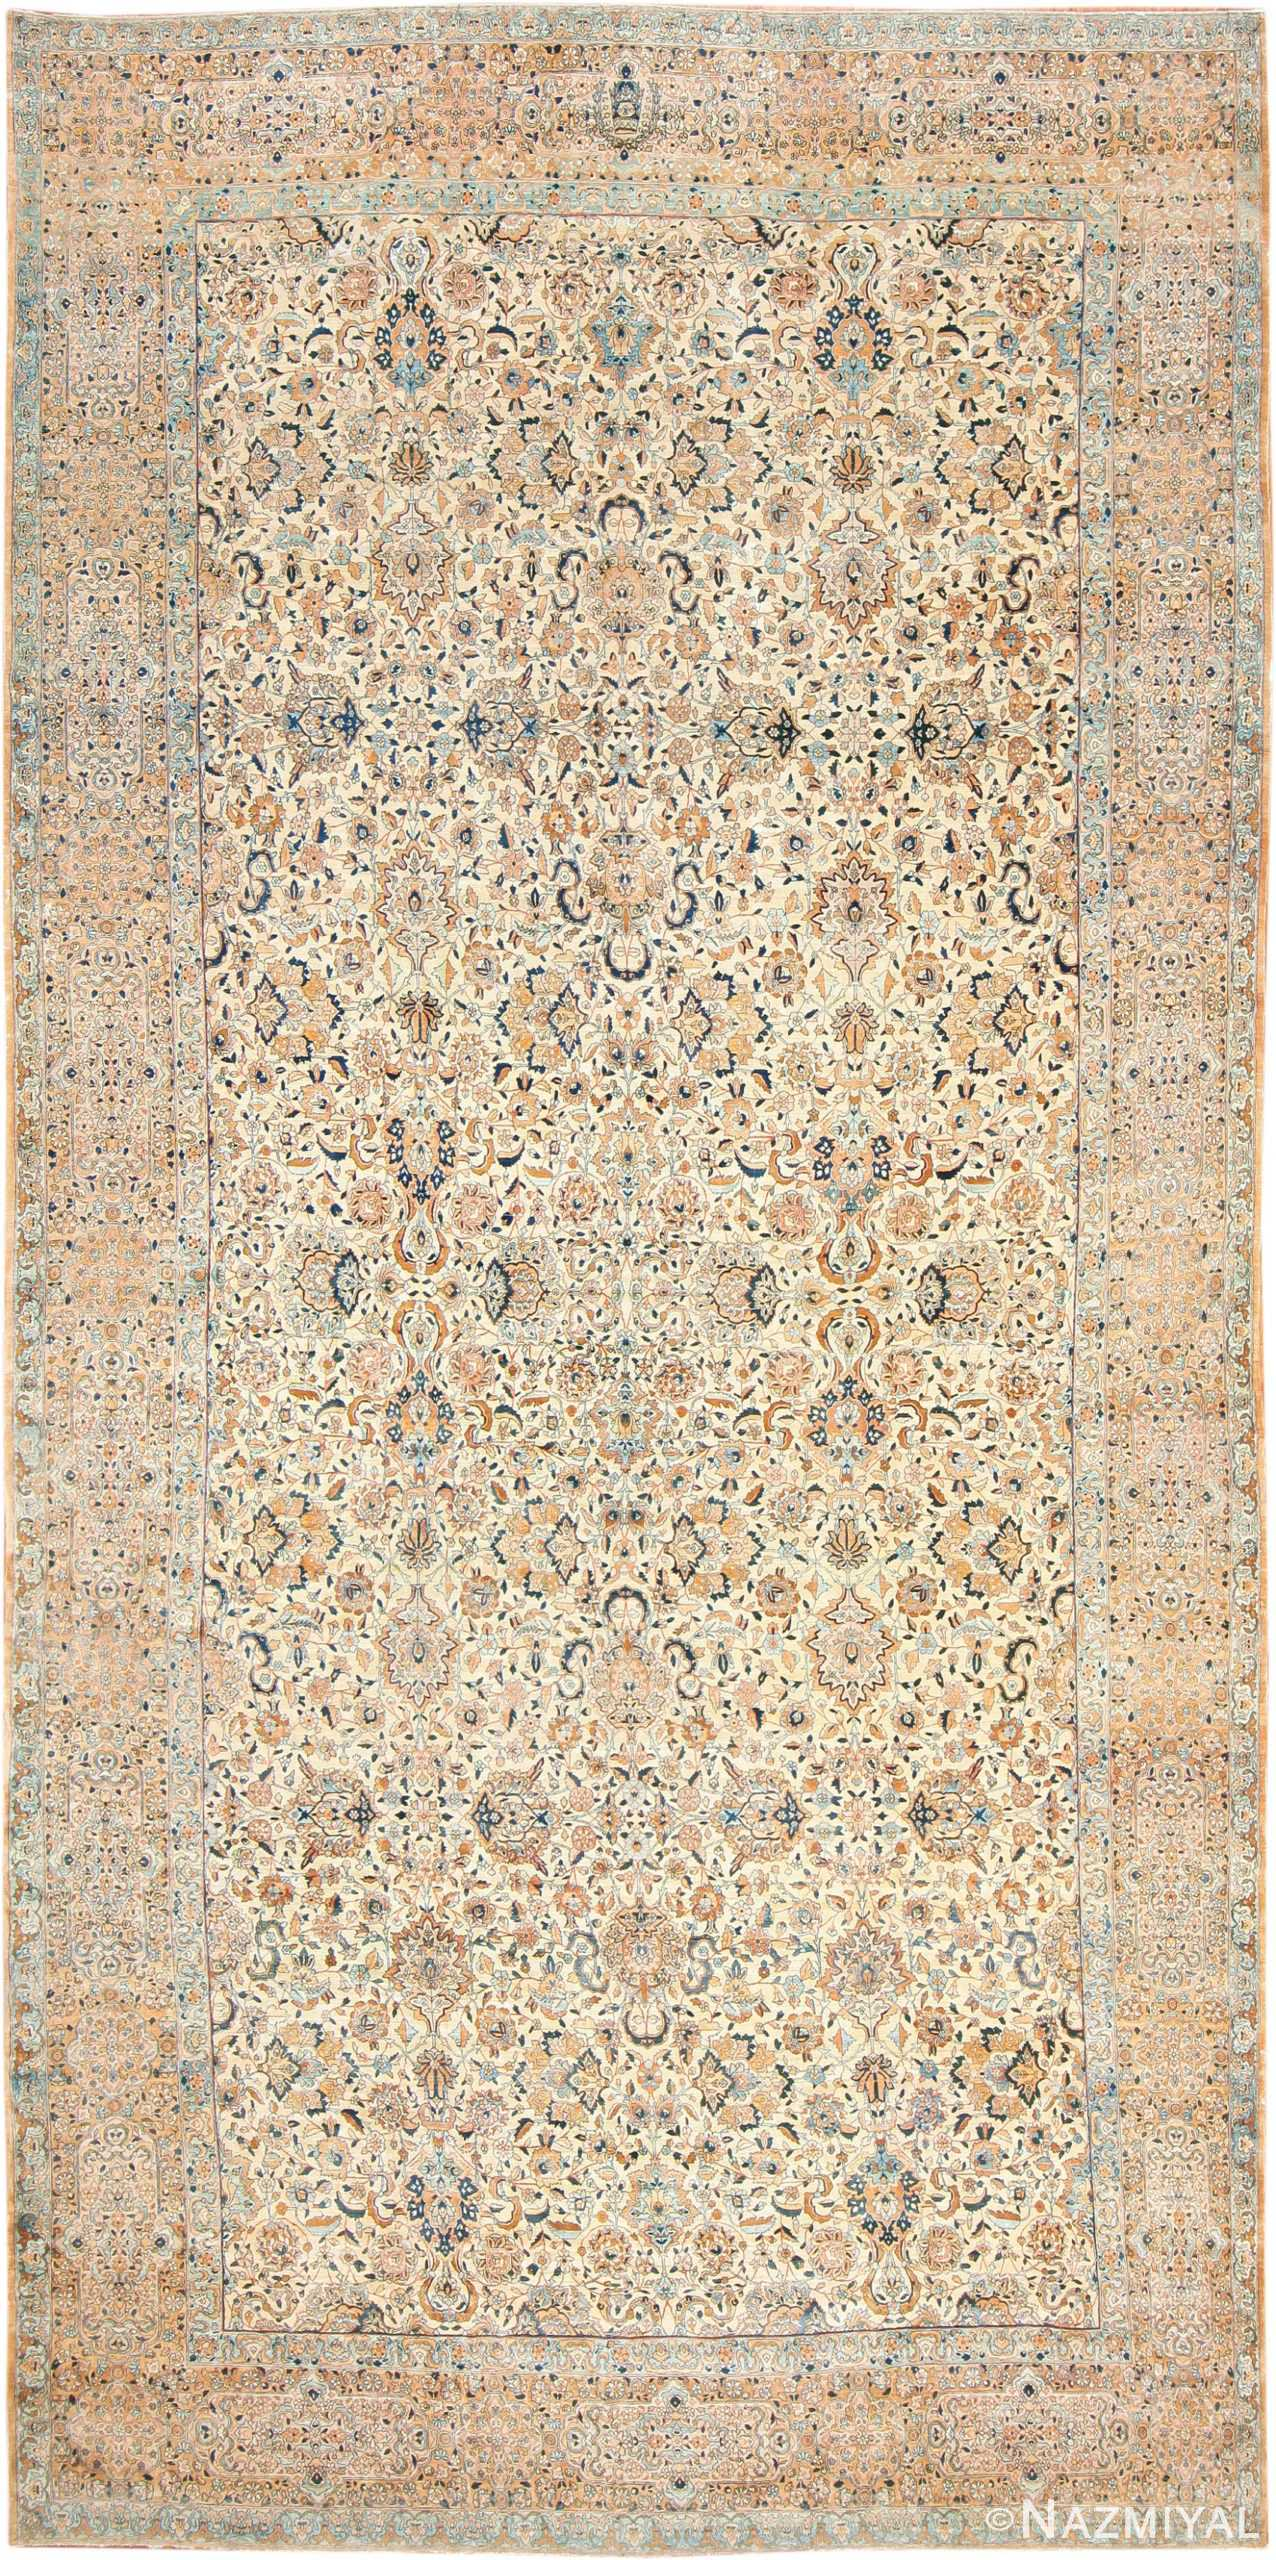 Oversize Ivory Background Antique Kerman Rug 47527 Nazmiyal